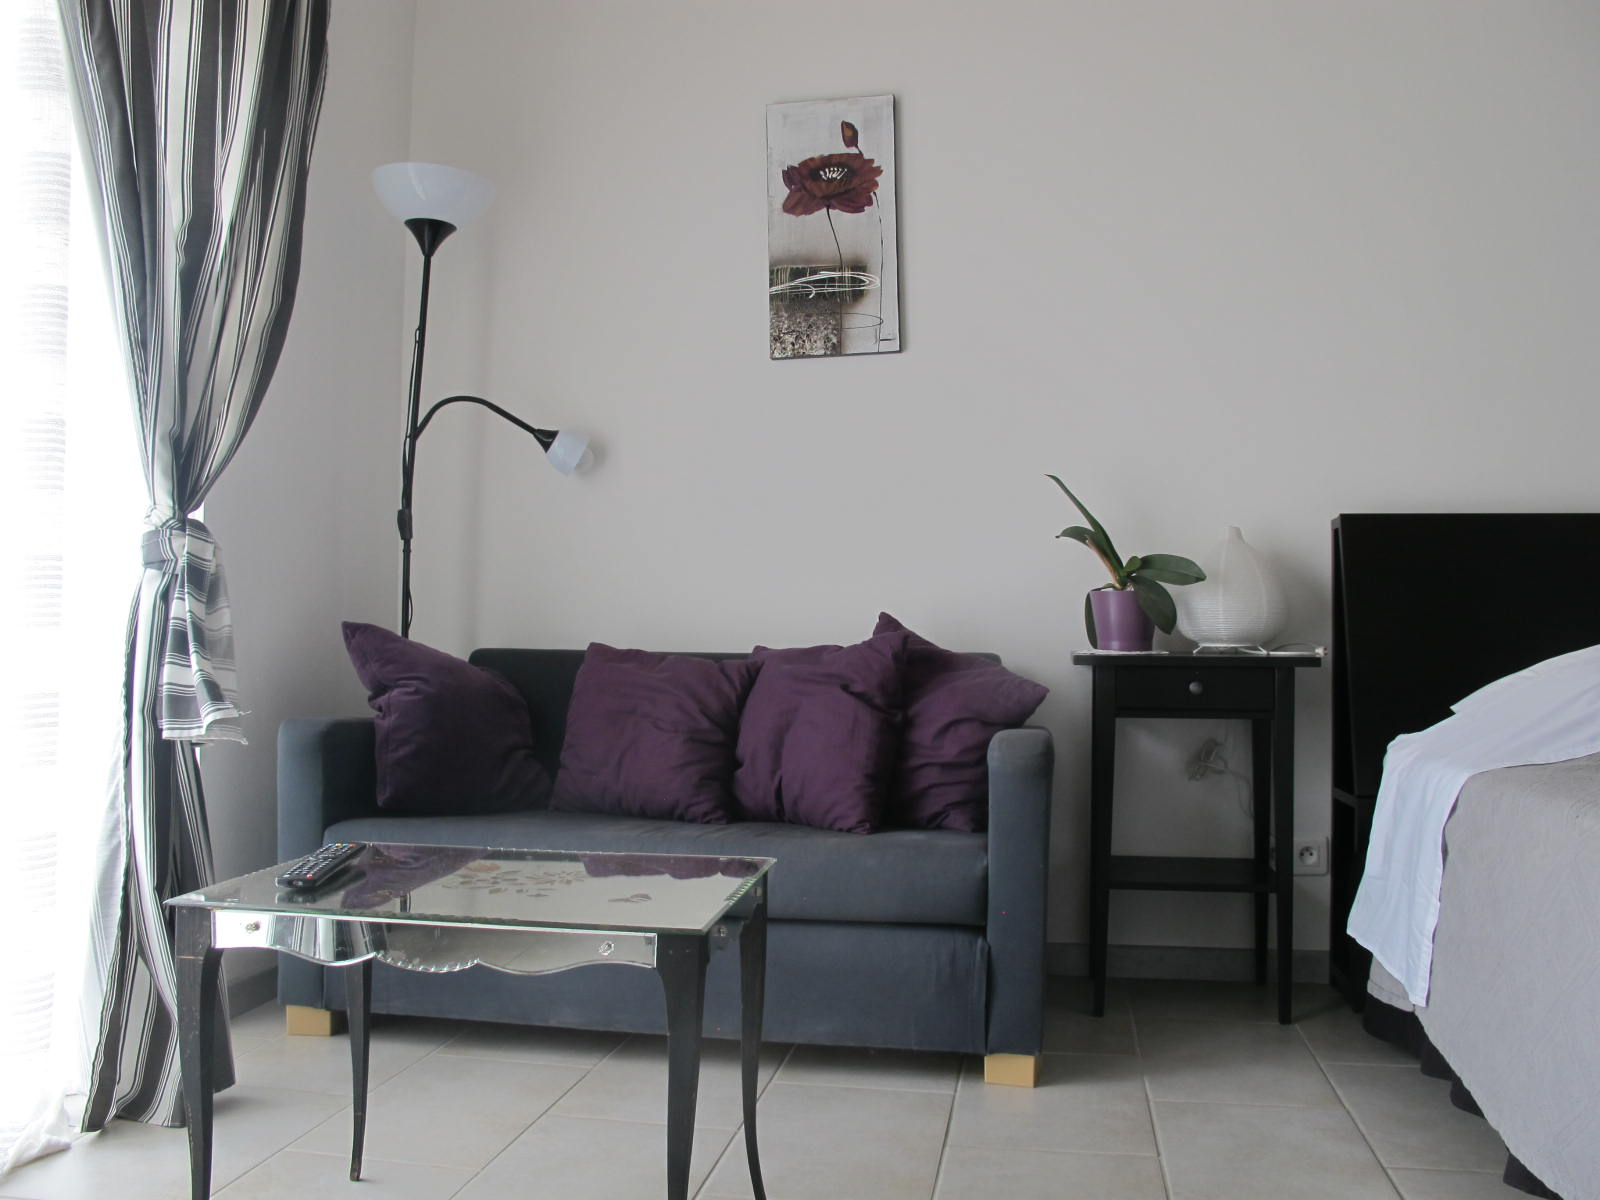 loucardaline-bedoin-ventoux-chambre d hotes-vaucluse-double confort-coin salloncalme-climatisé